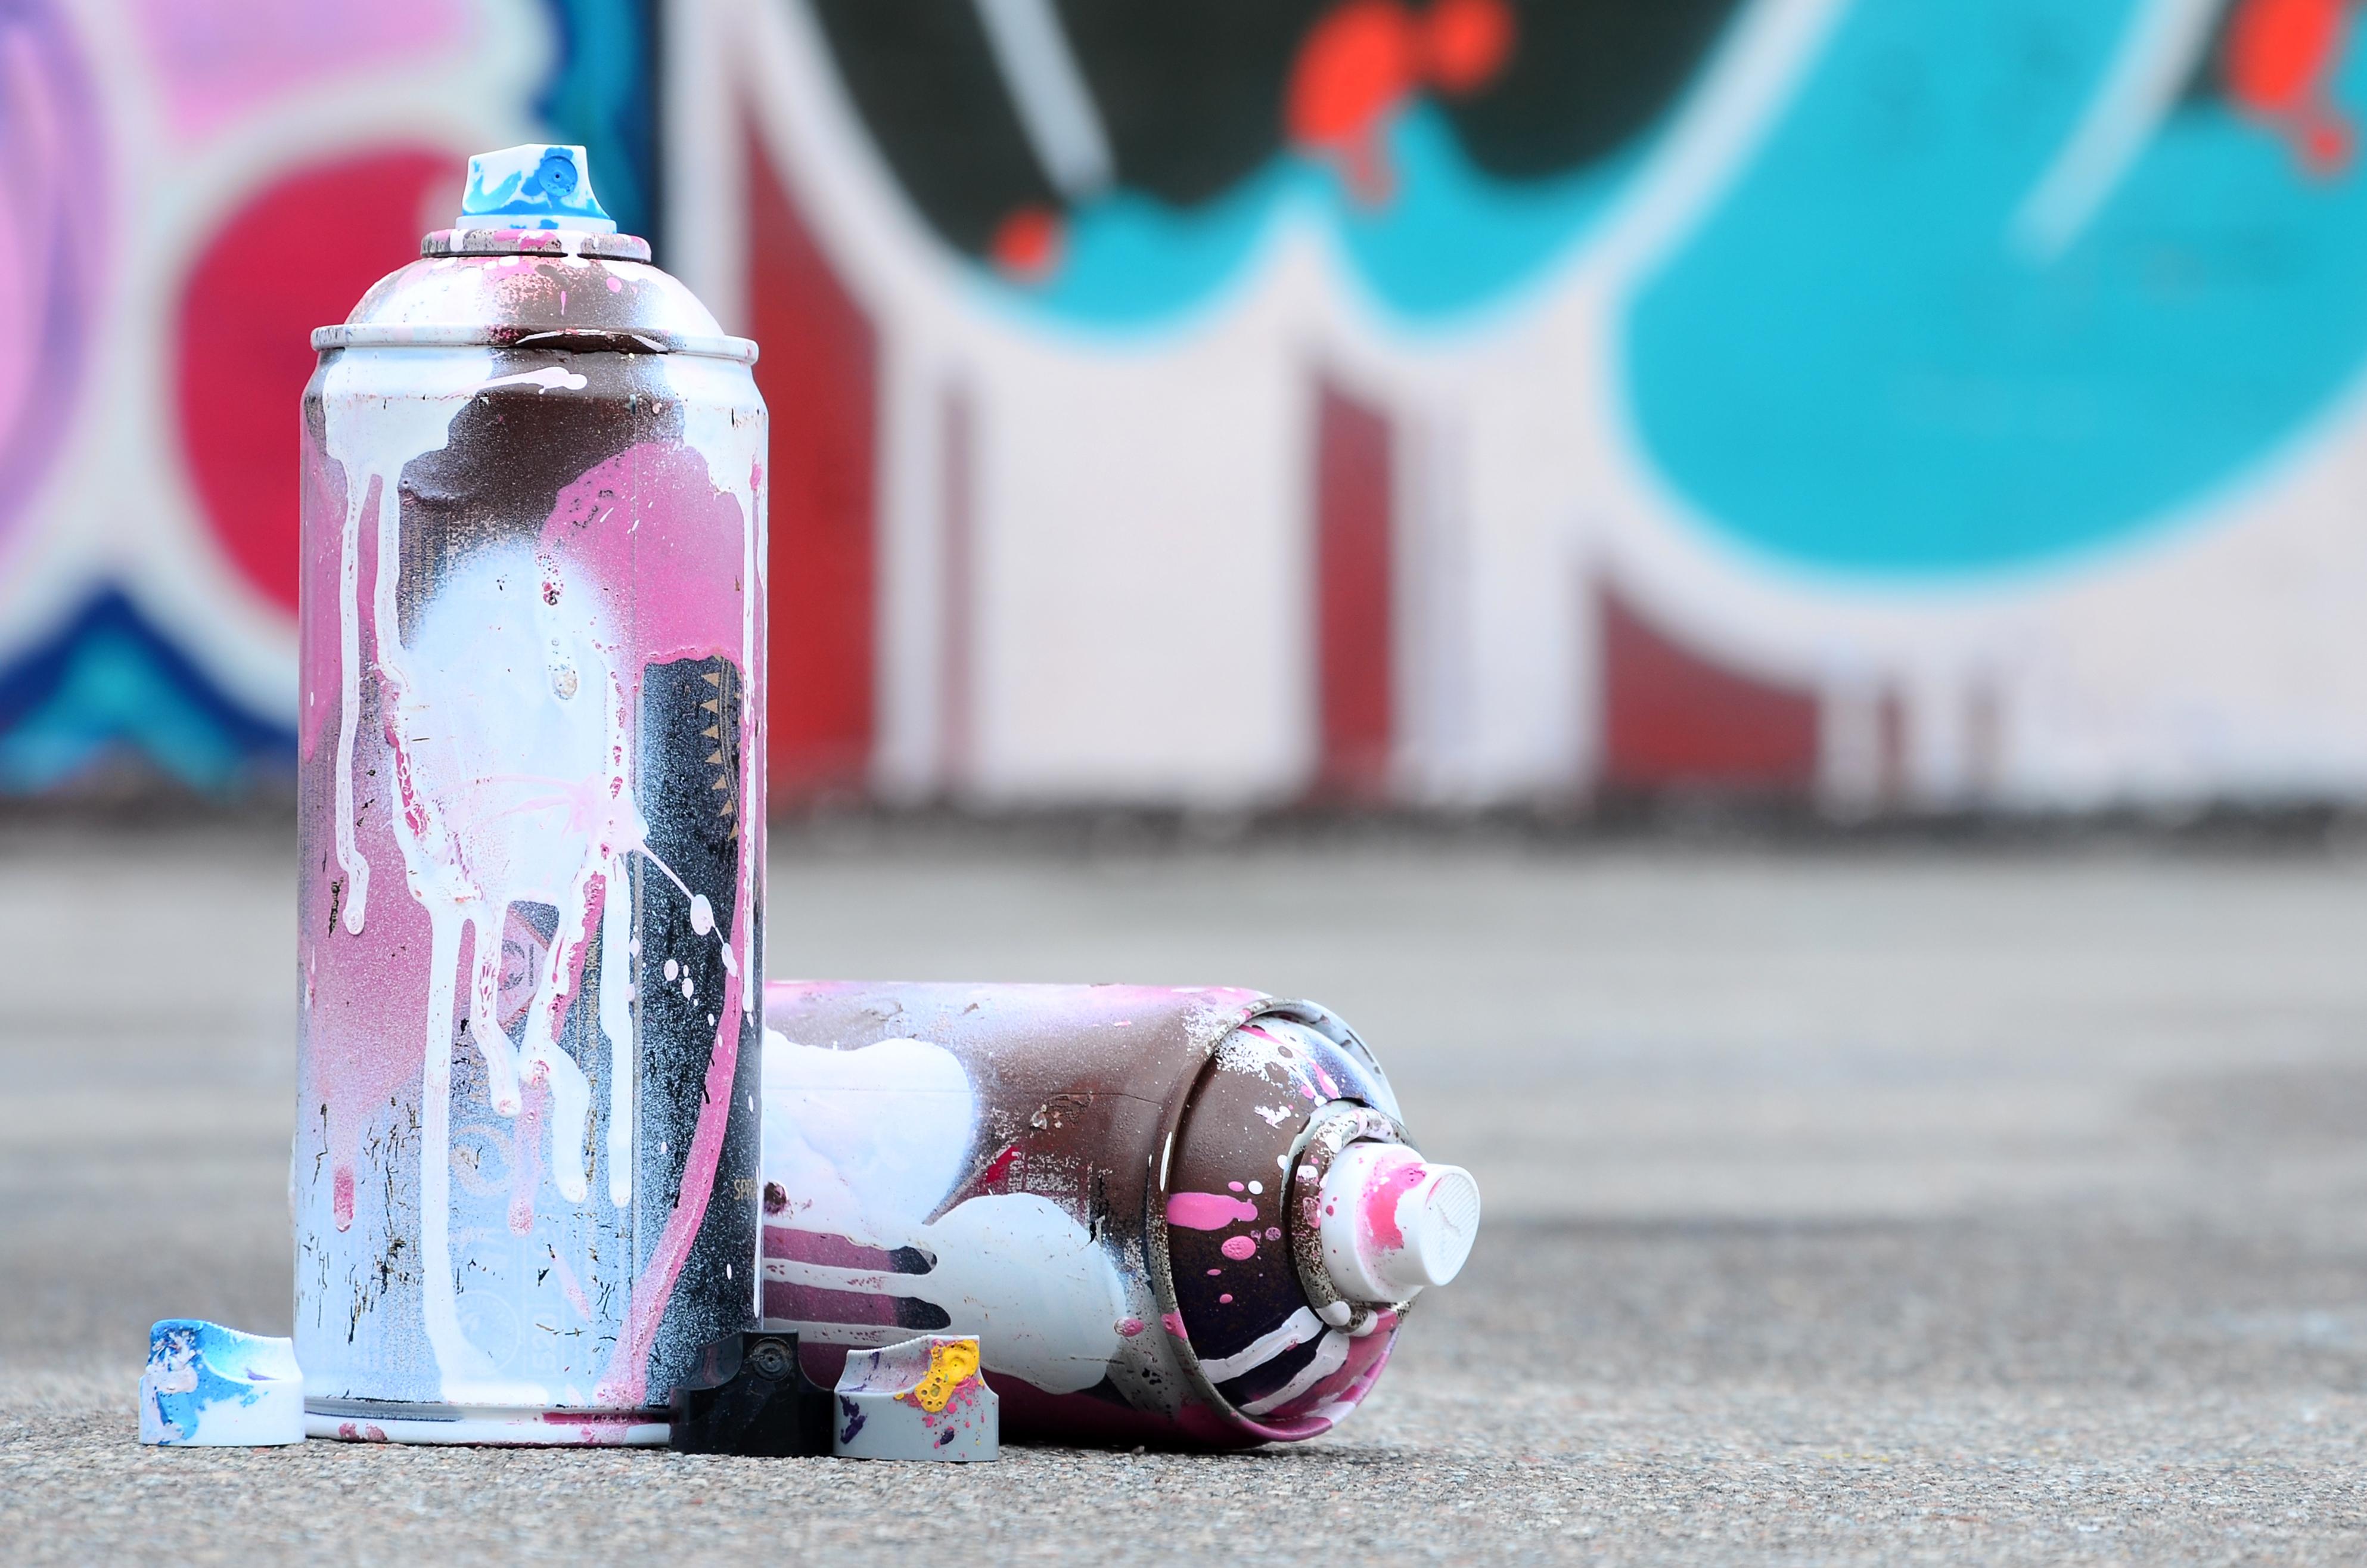 Banksy bemalt Hauswand in Bristol mit Valentinstag-Werk